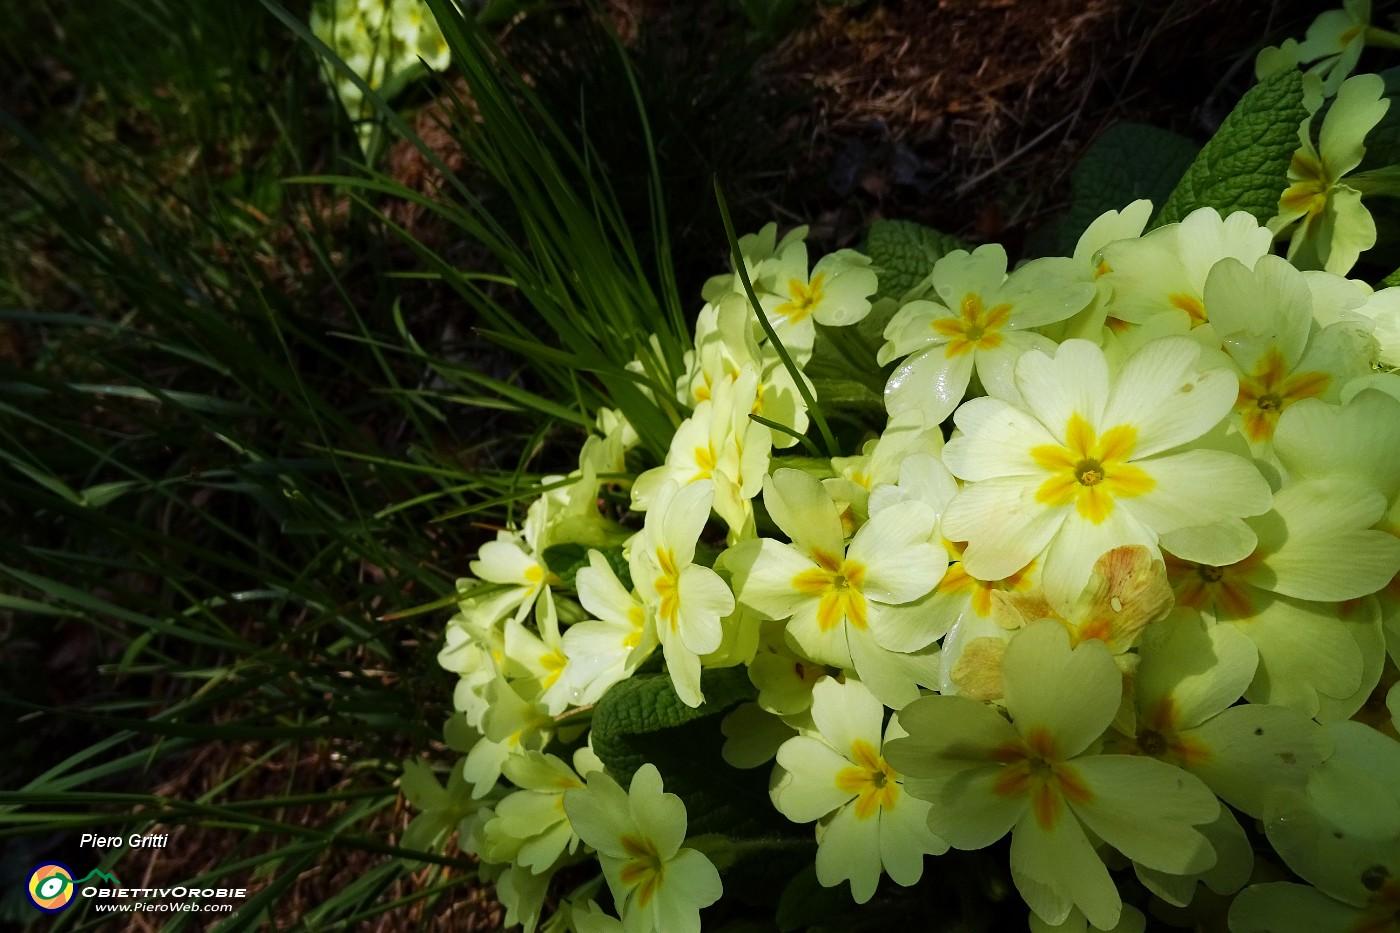 Primavera d 39 intorno brilla nell 39 aria 33 primule gialle for Primule immagini